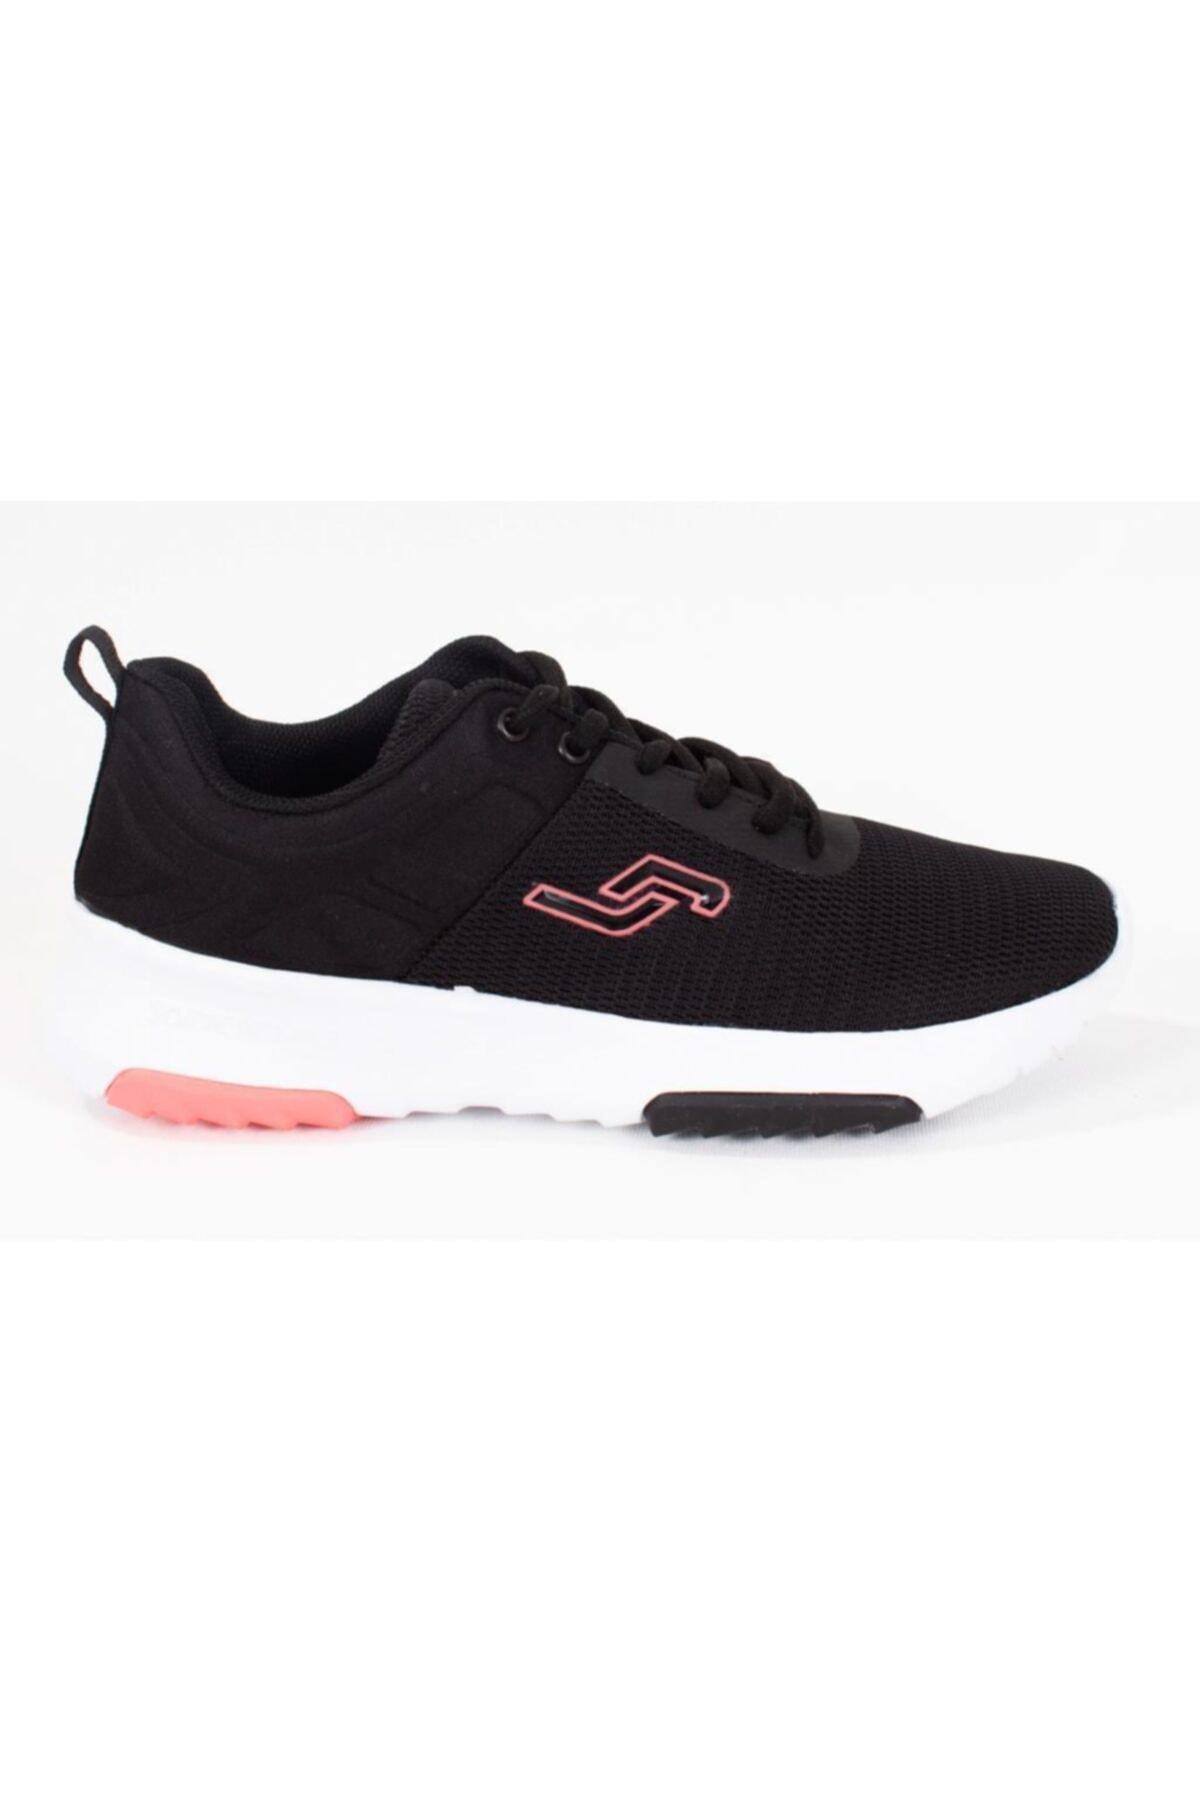 Jump Kadın Spor Ayakkabı 24879 Siyah-somon pembe 20S04024879 2